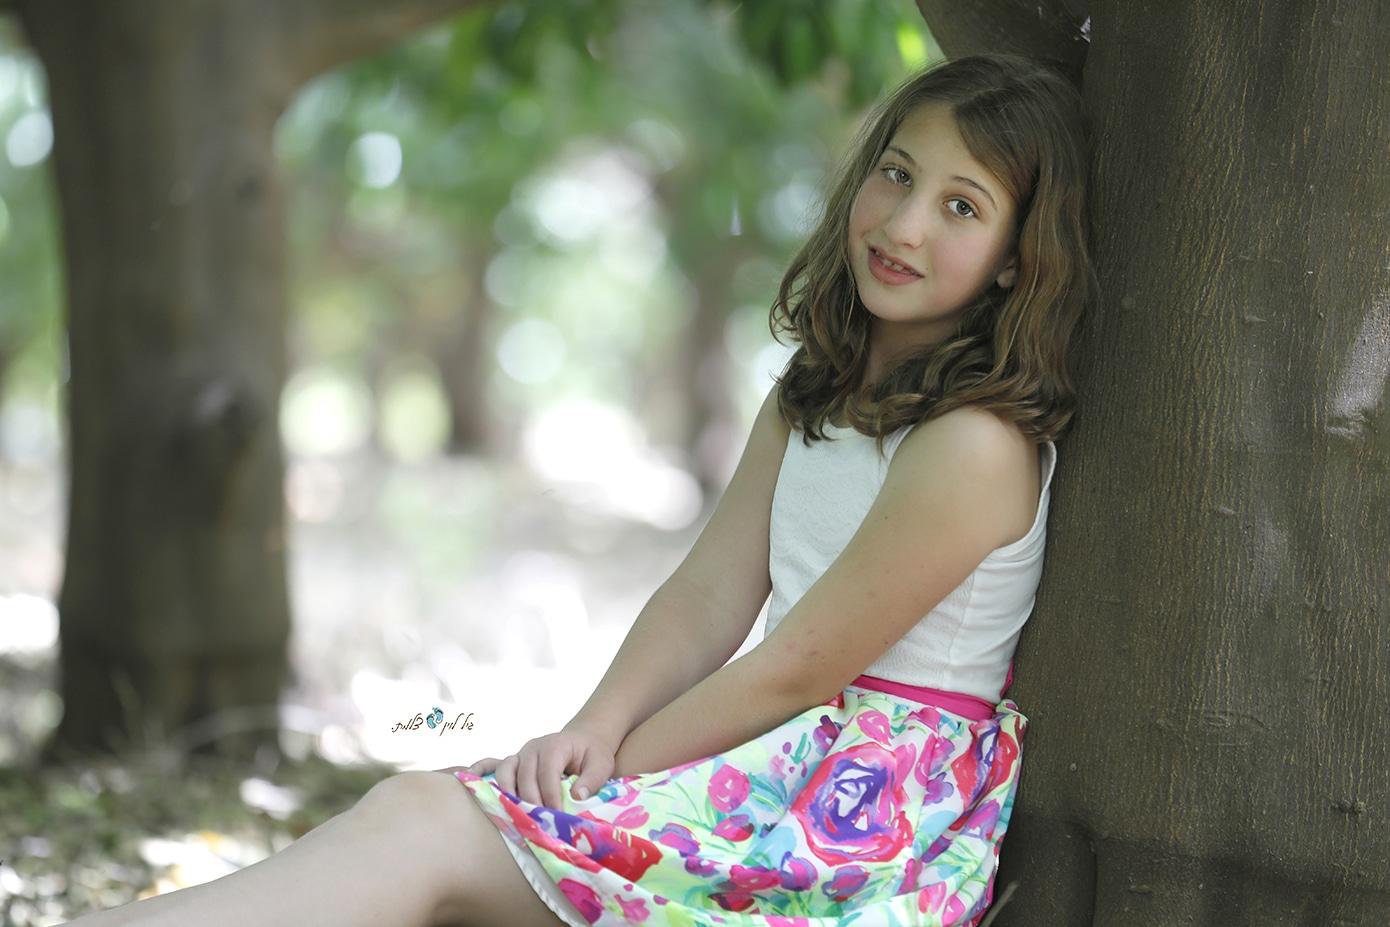 בוק בת מצווה גיל לוין- שלי ז (9)